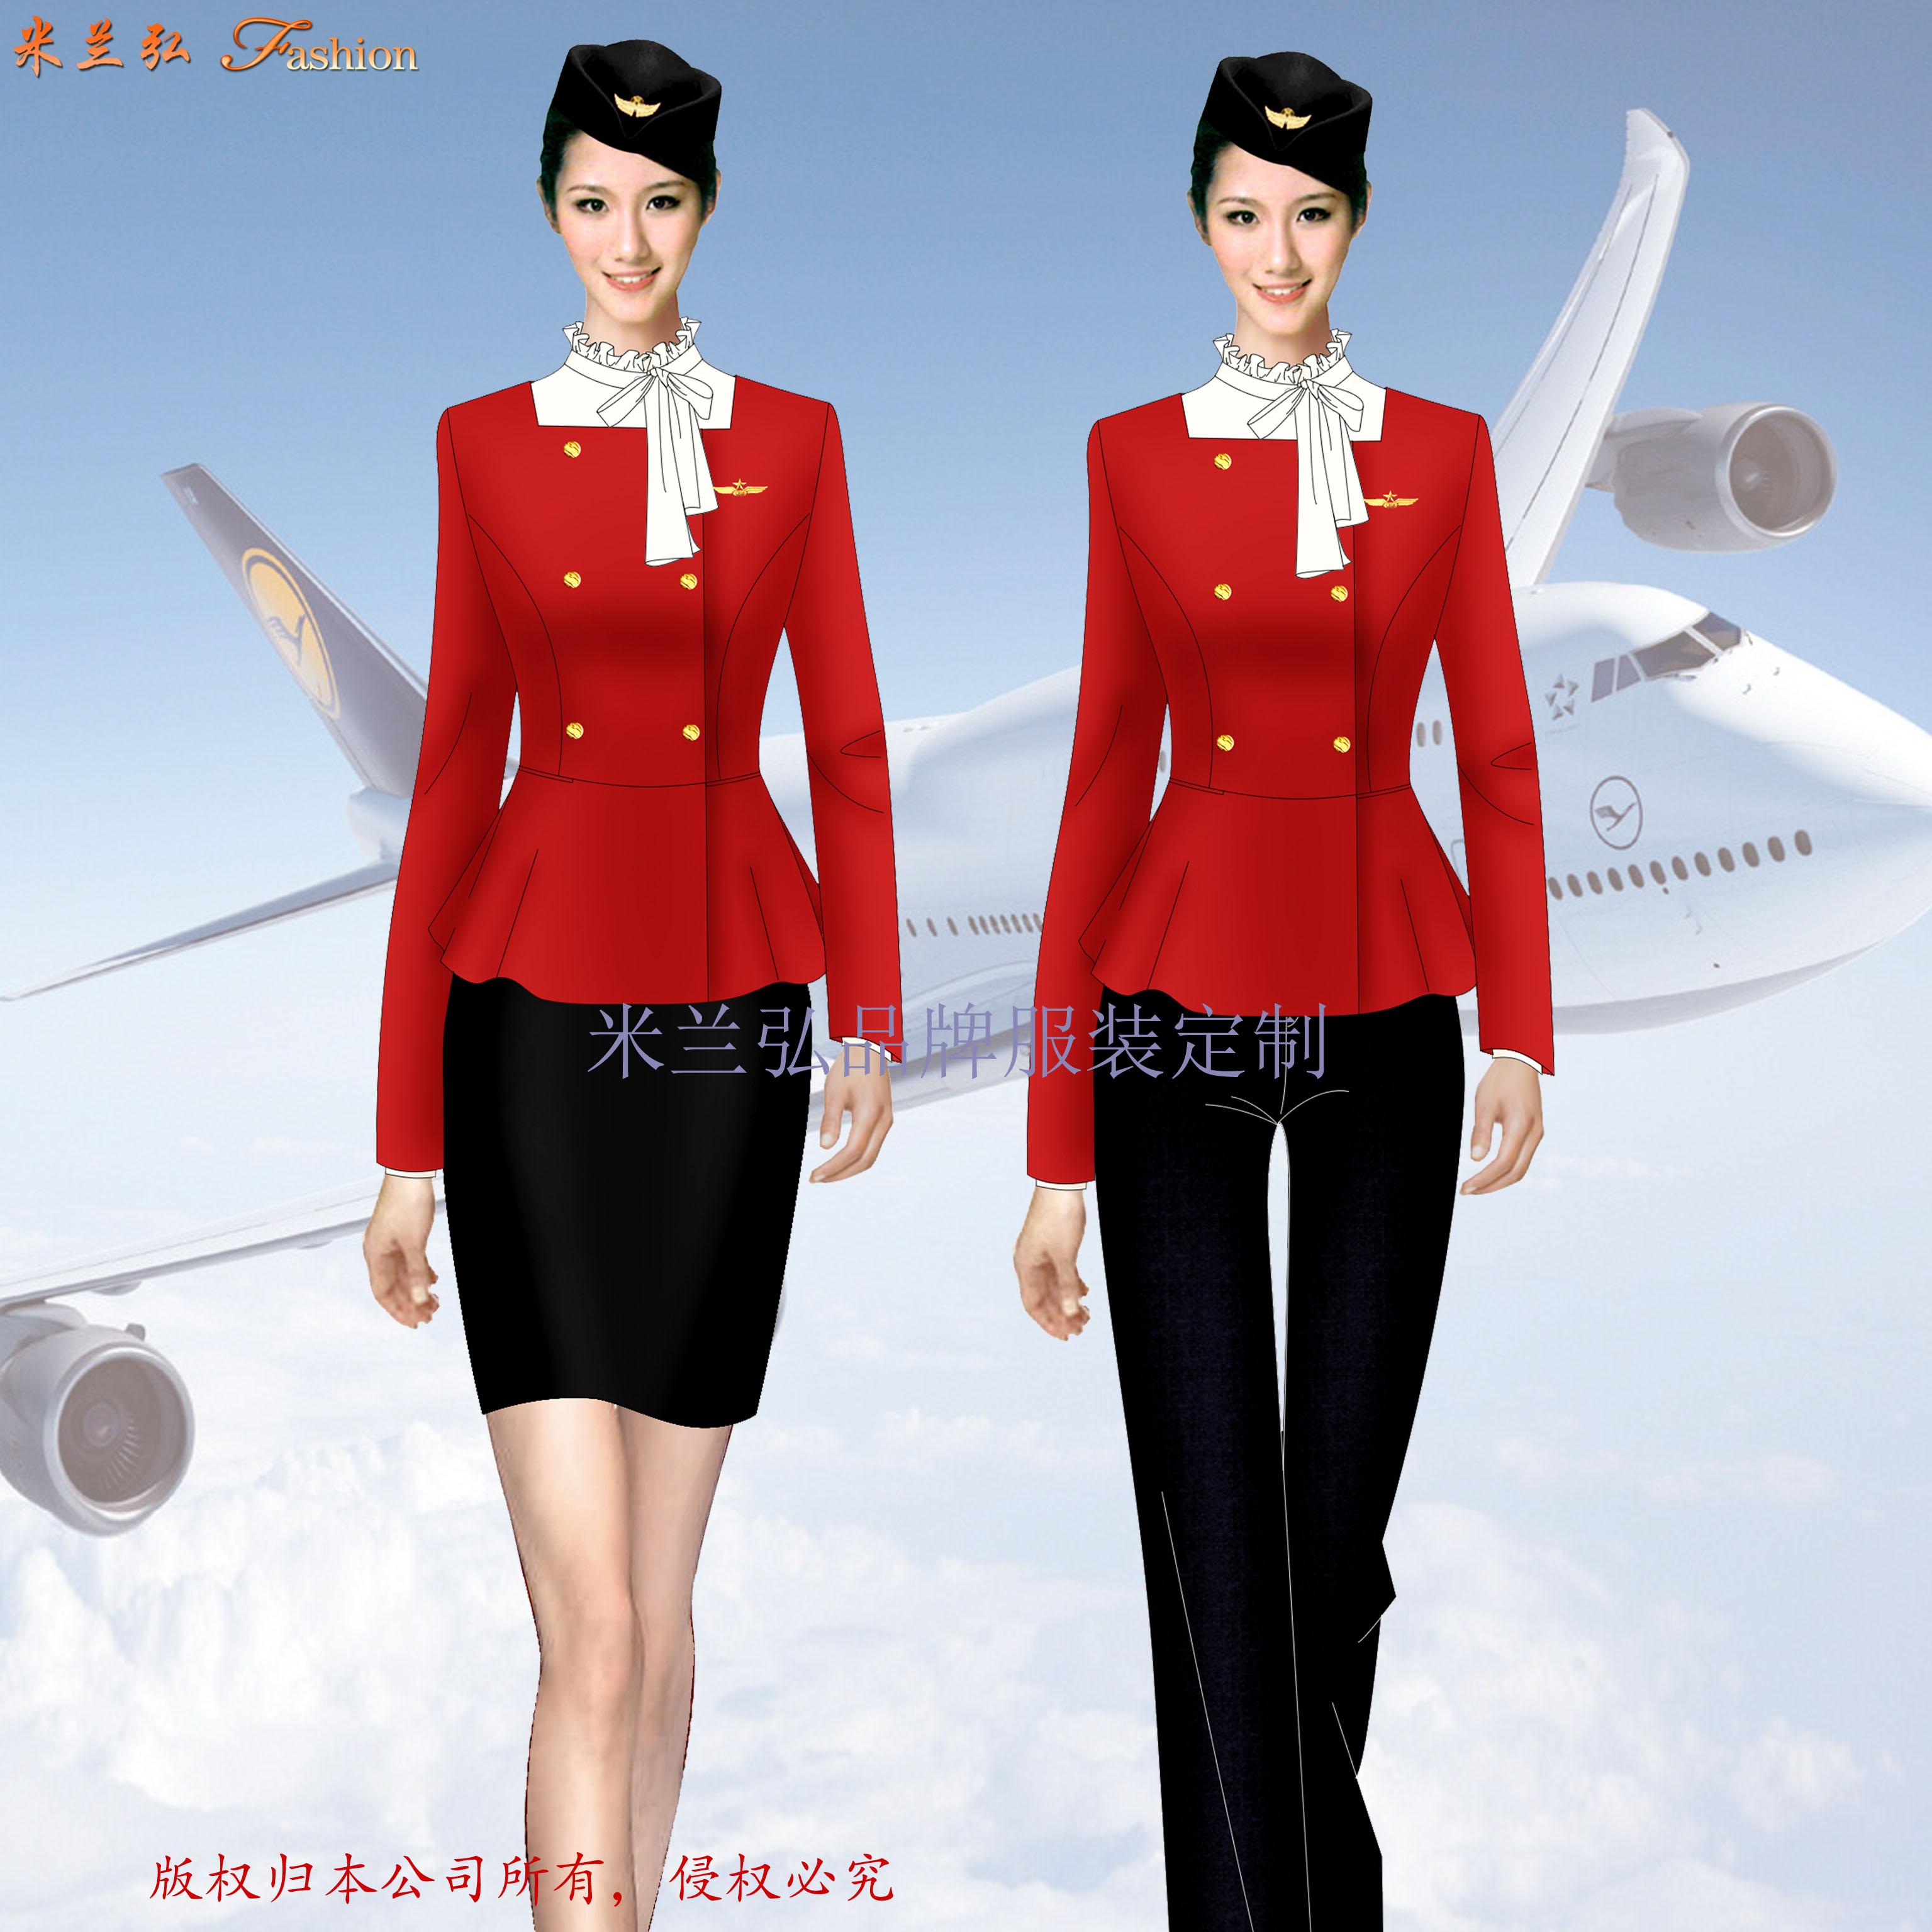 江西空姐服定制-空乘人员服装图片-米兰弘服装-1